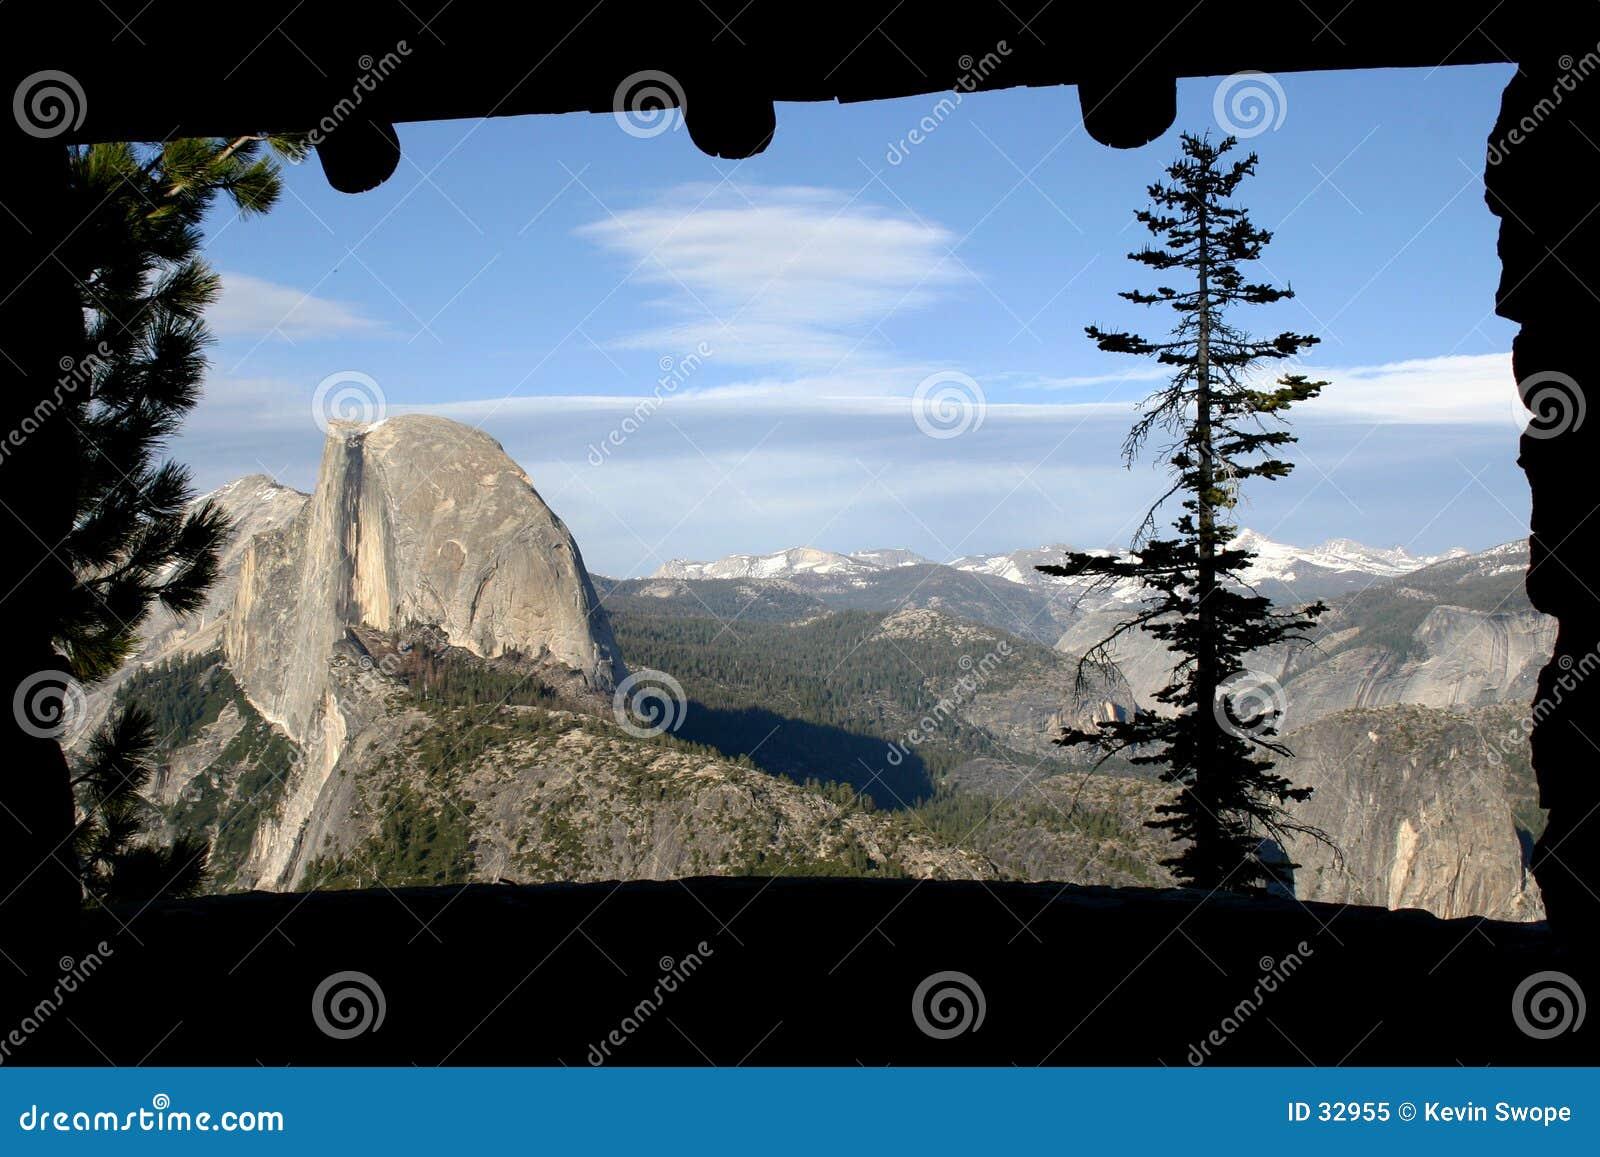 Download Thrue la ventana imagen de archivo. Imagen de paisaje, visión - 32955